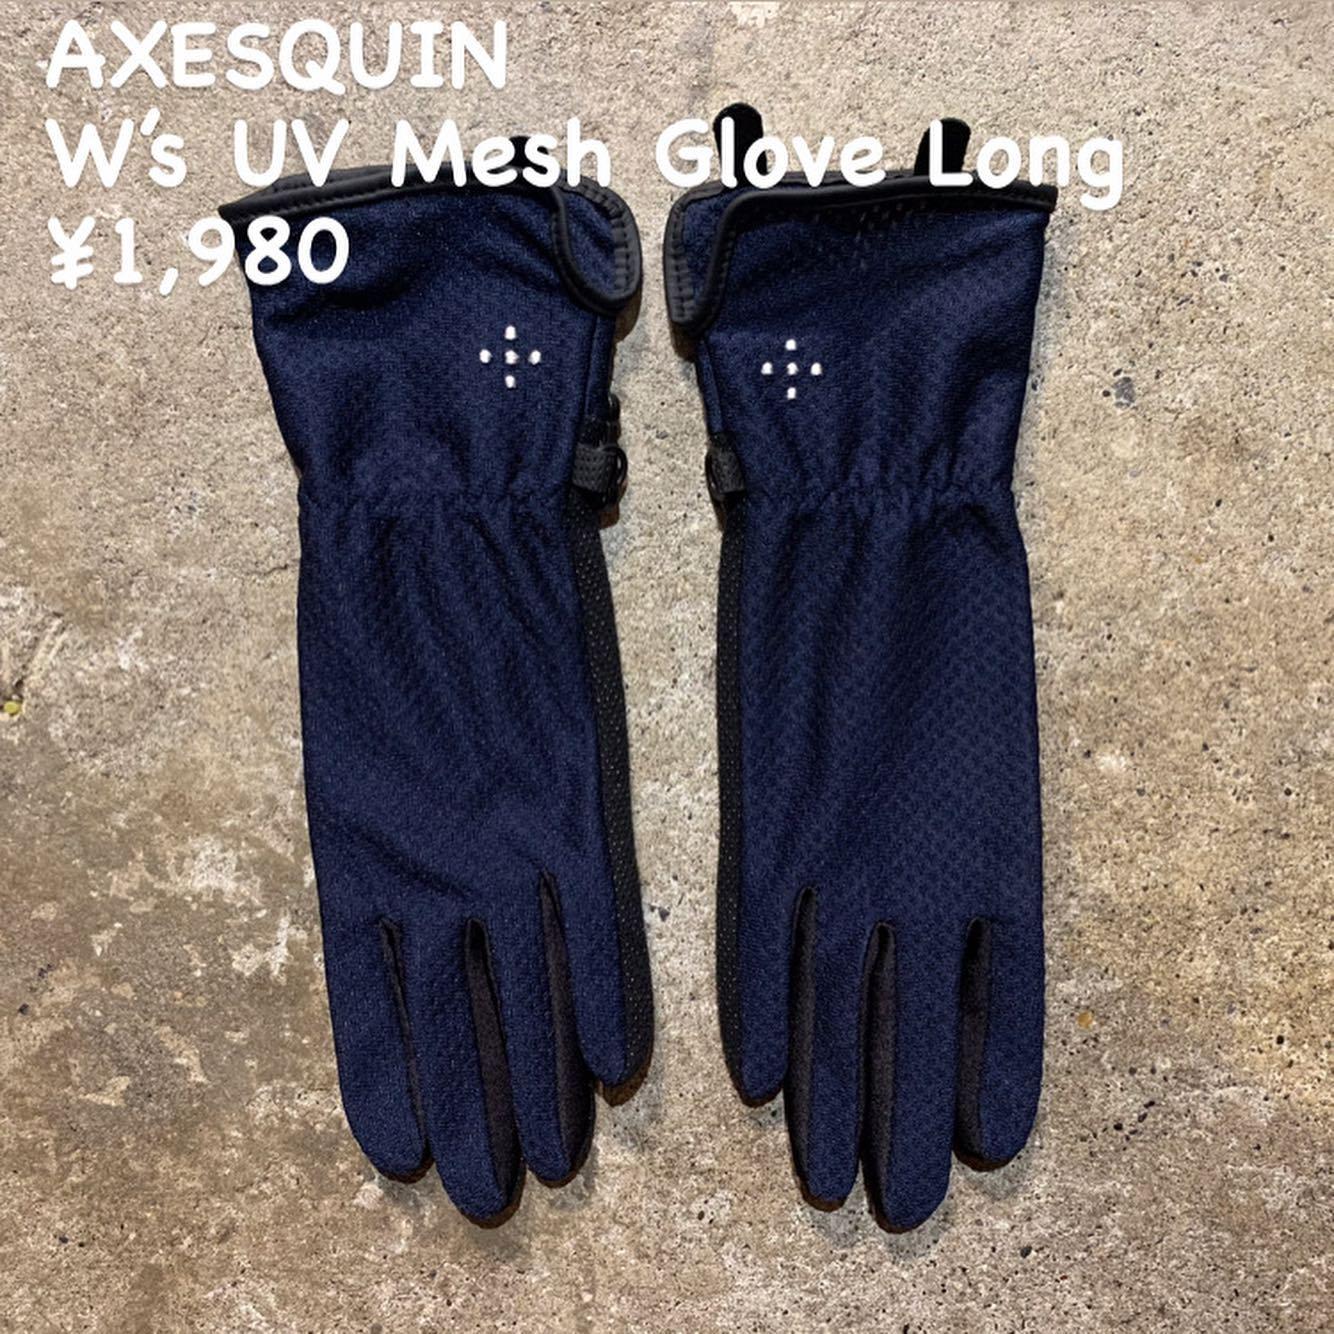 『AXESQUIN ウィメンズ UV メッシュグローブロング』のご紹介